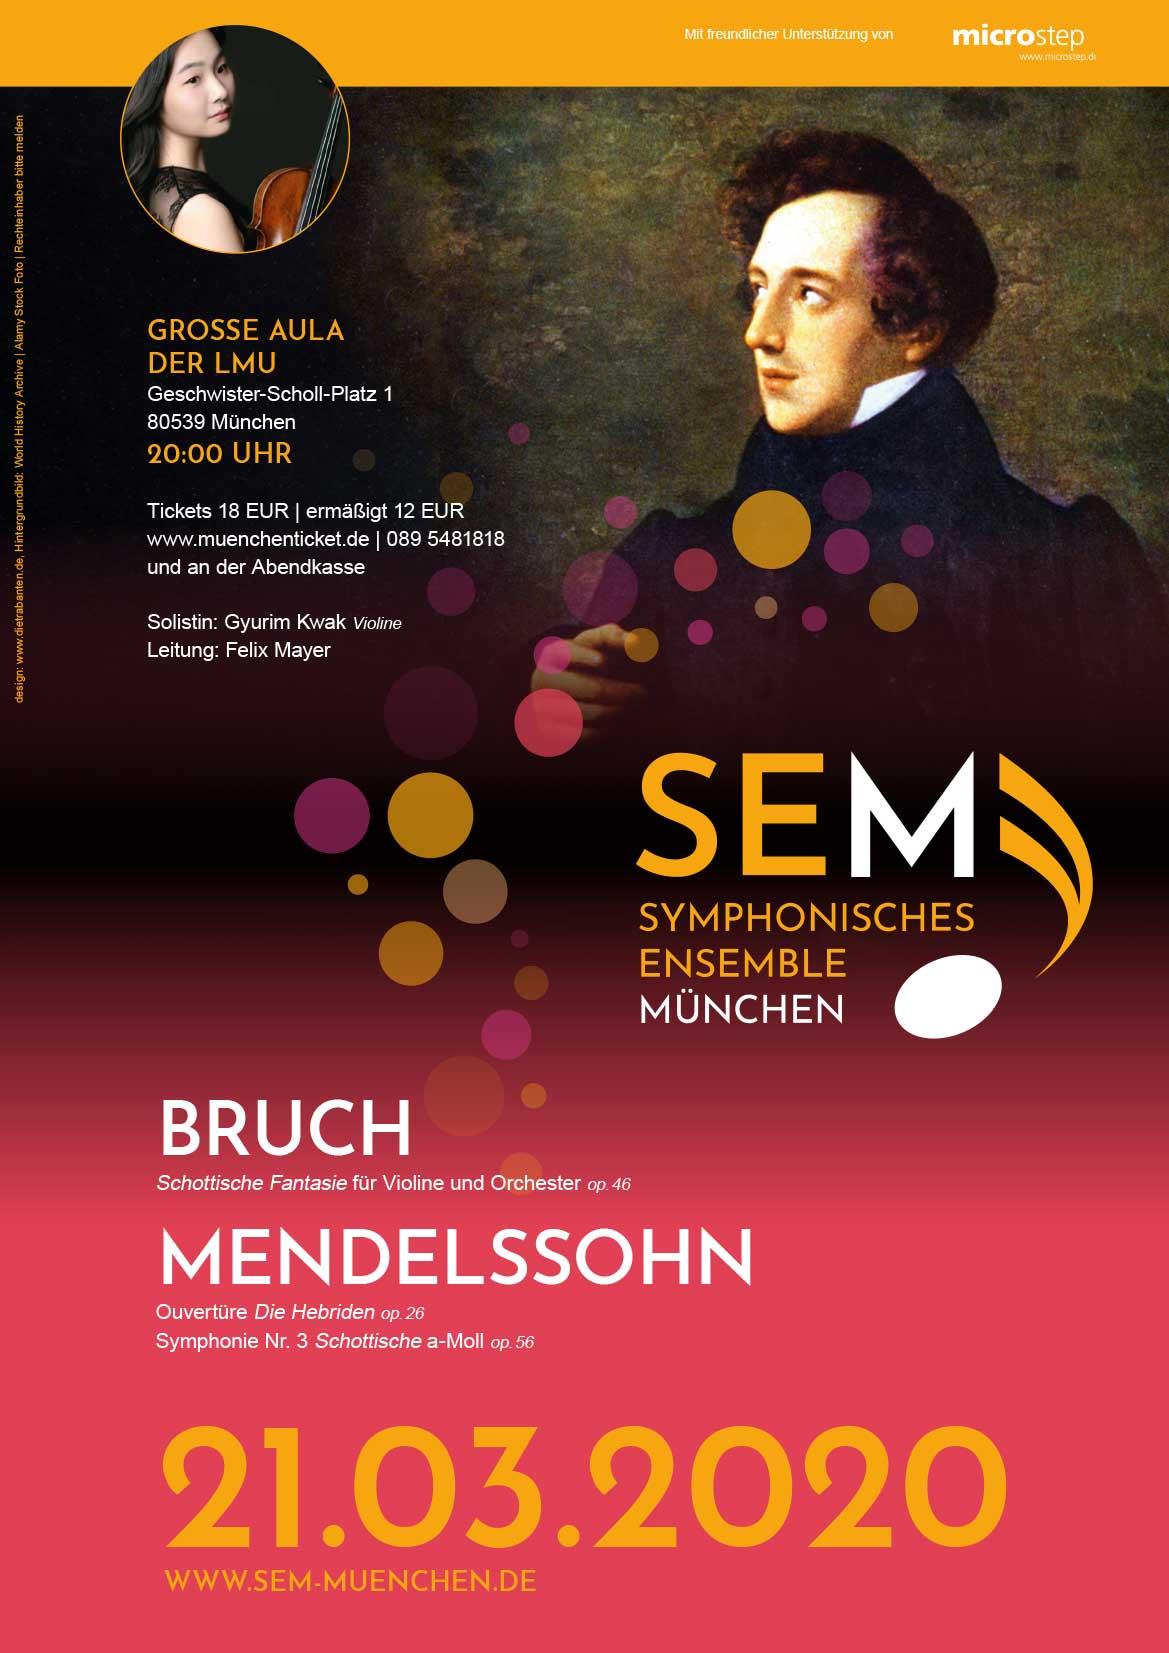 SEM Konzerteinladung März 2020 Plakat